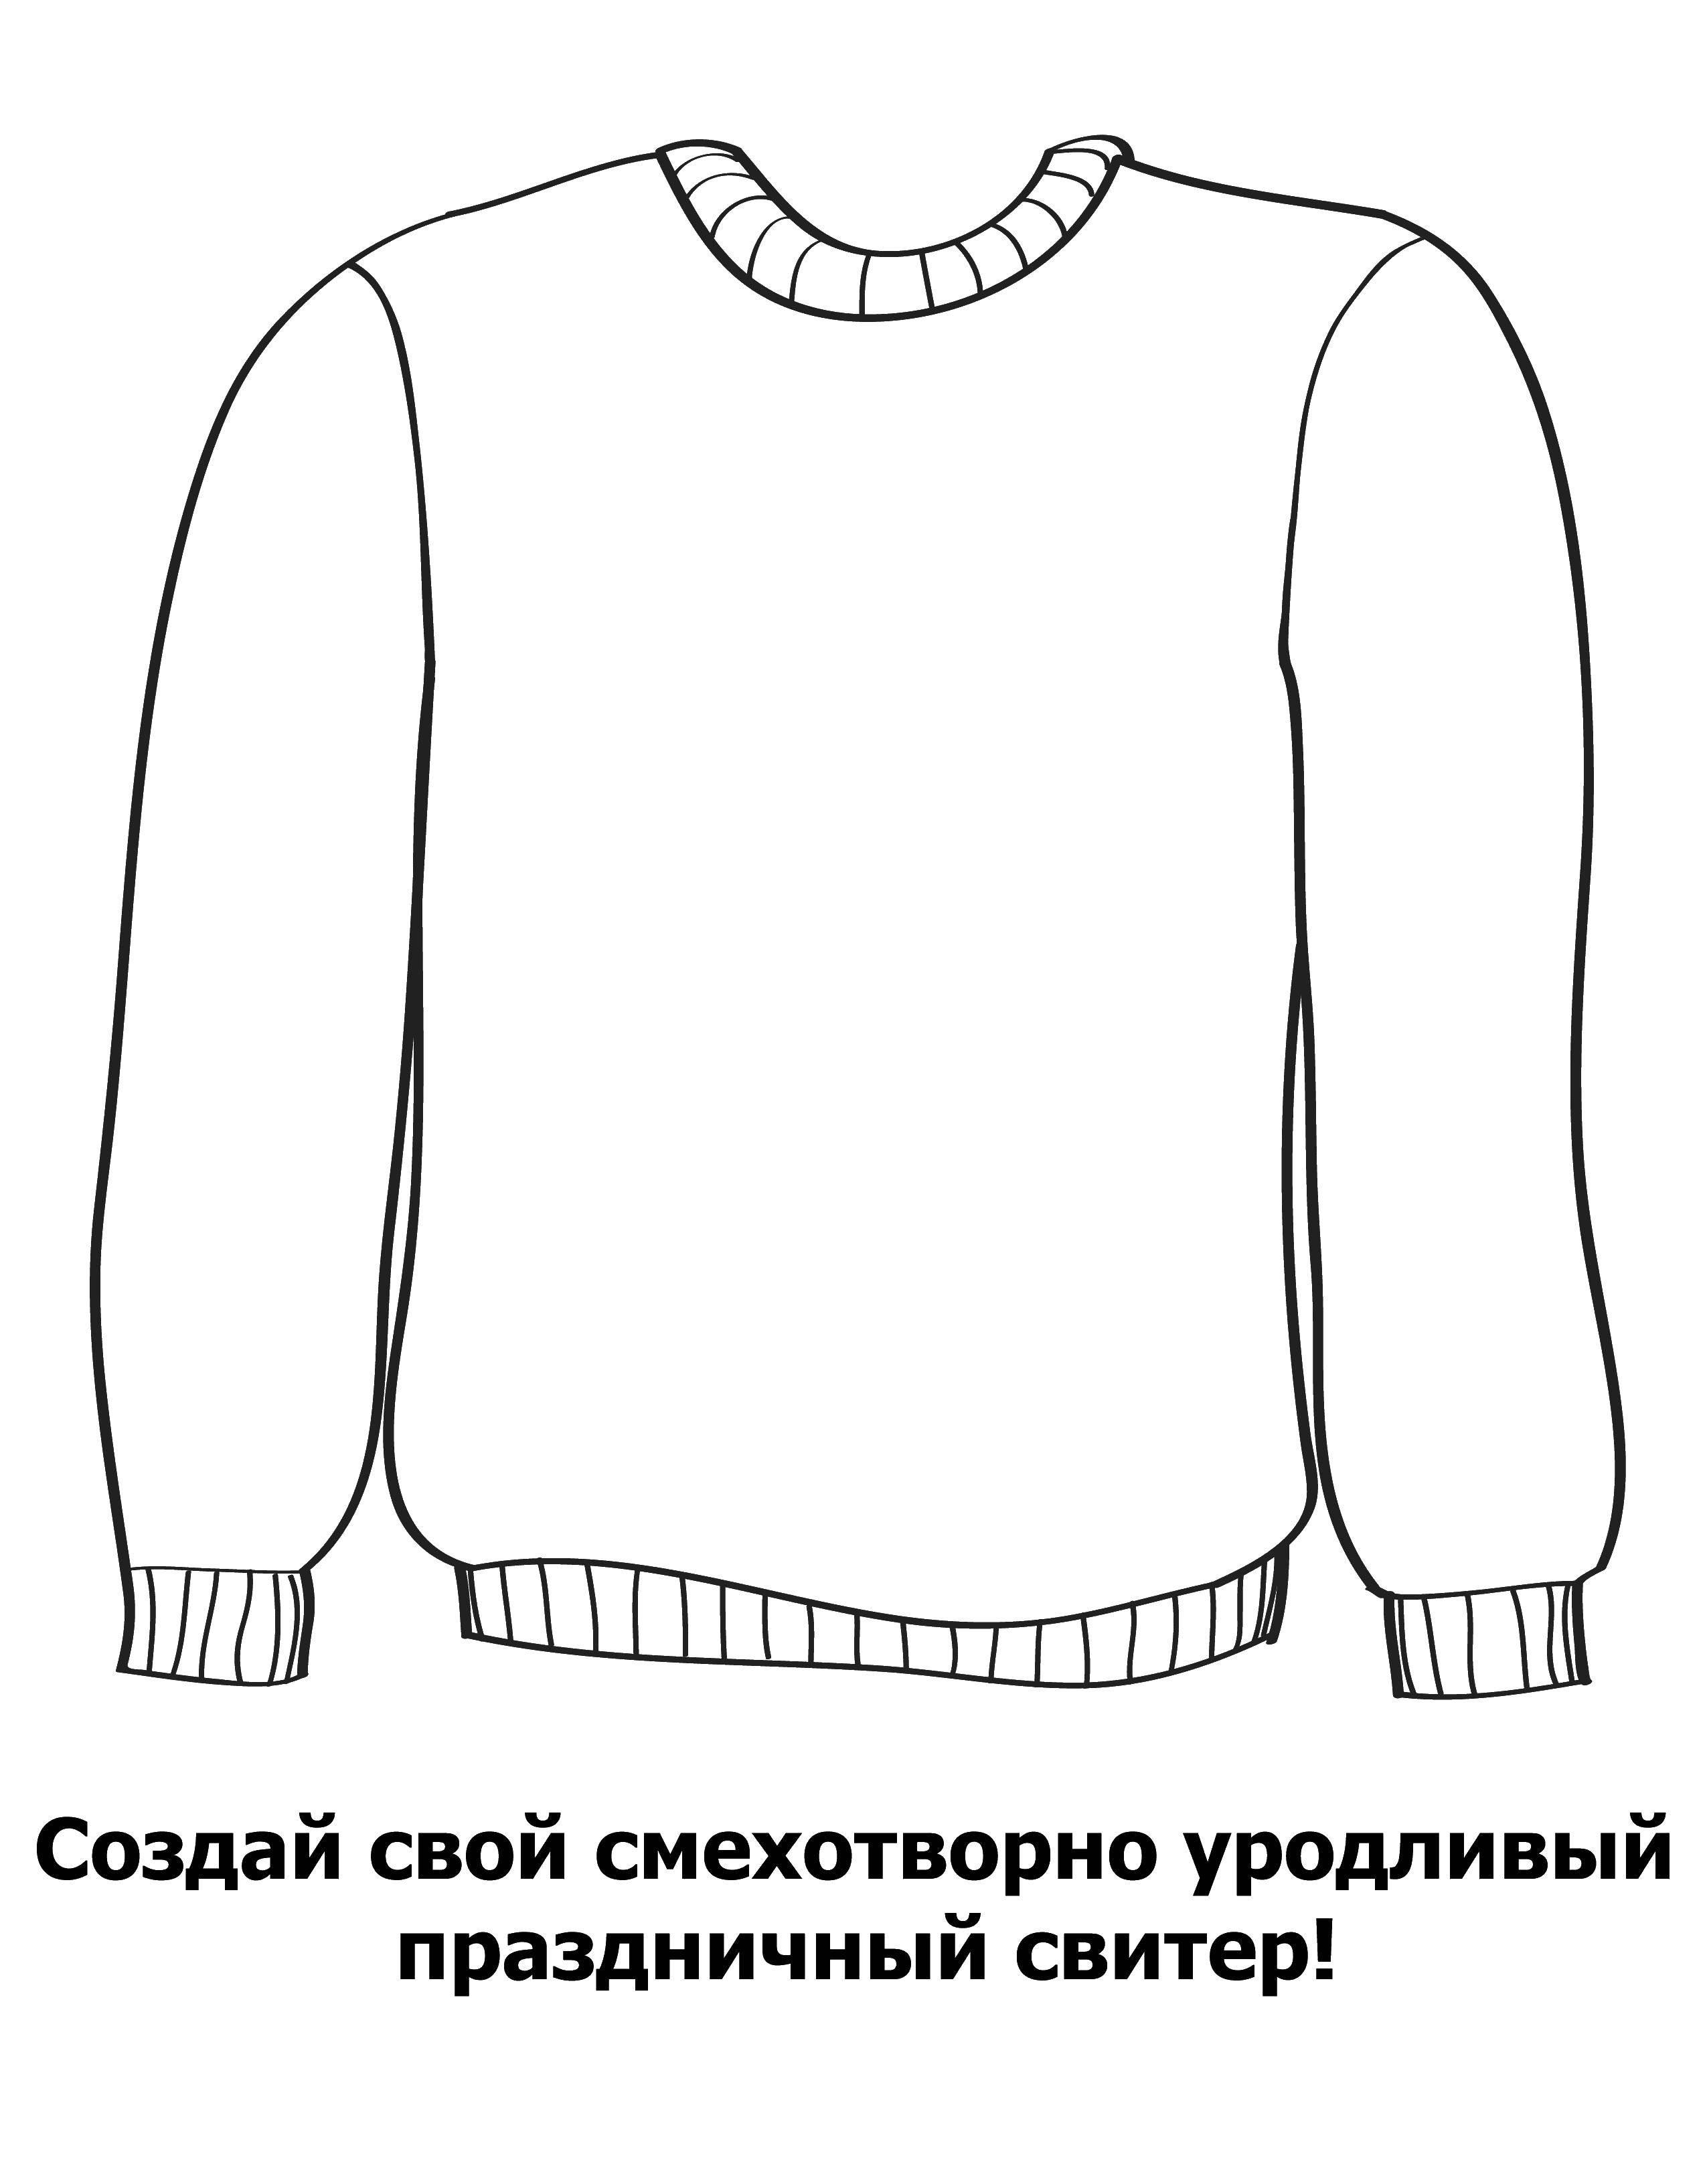 Раскраска Создай для себя свитер Скачать Взрослые раскраски.  Распечатать ,раскраски для взрослых,